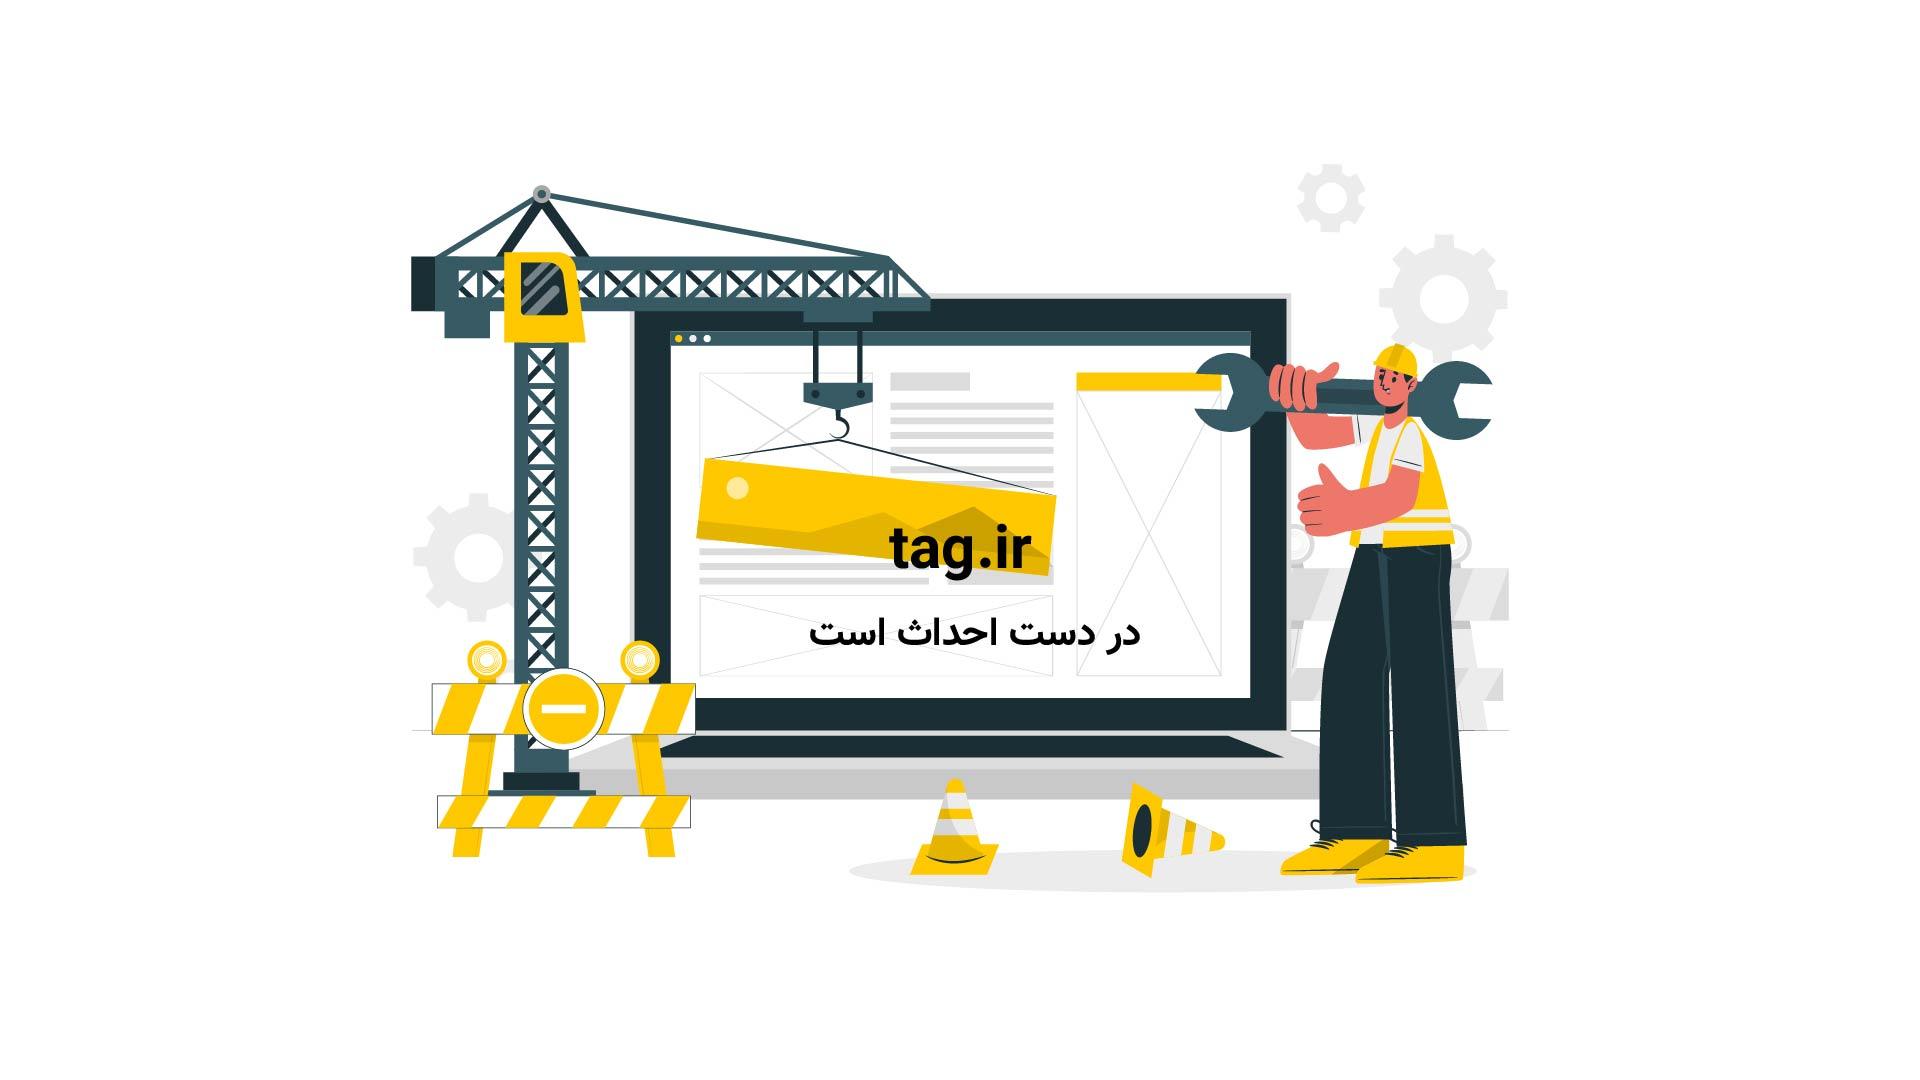 صبحانه کودکان | تگ